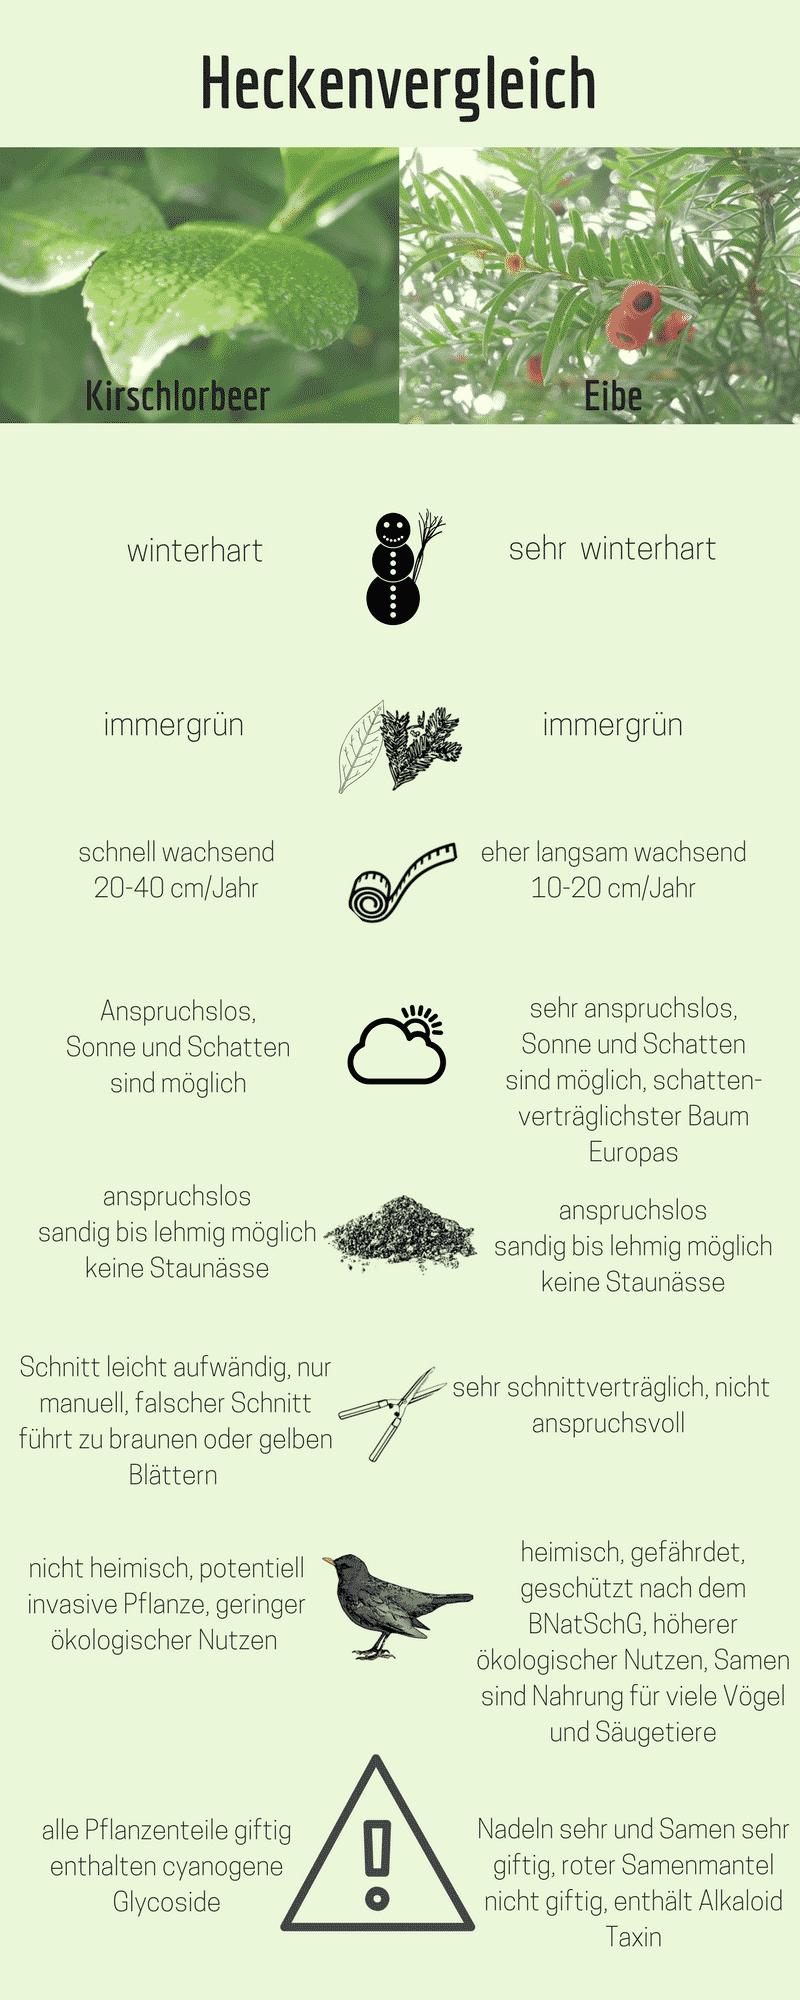 Vergleich Kirschlorbeer und Eibenhecke